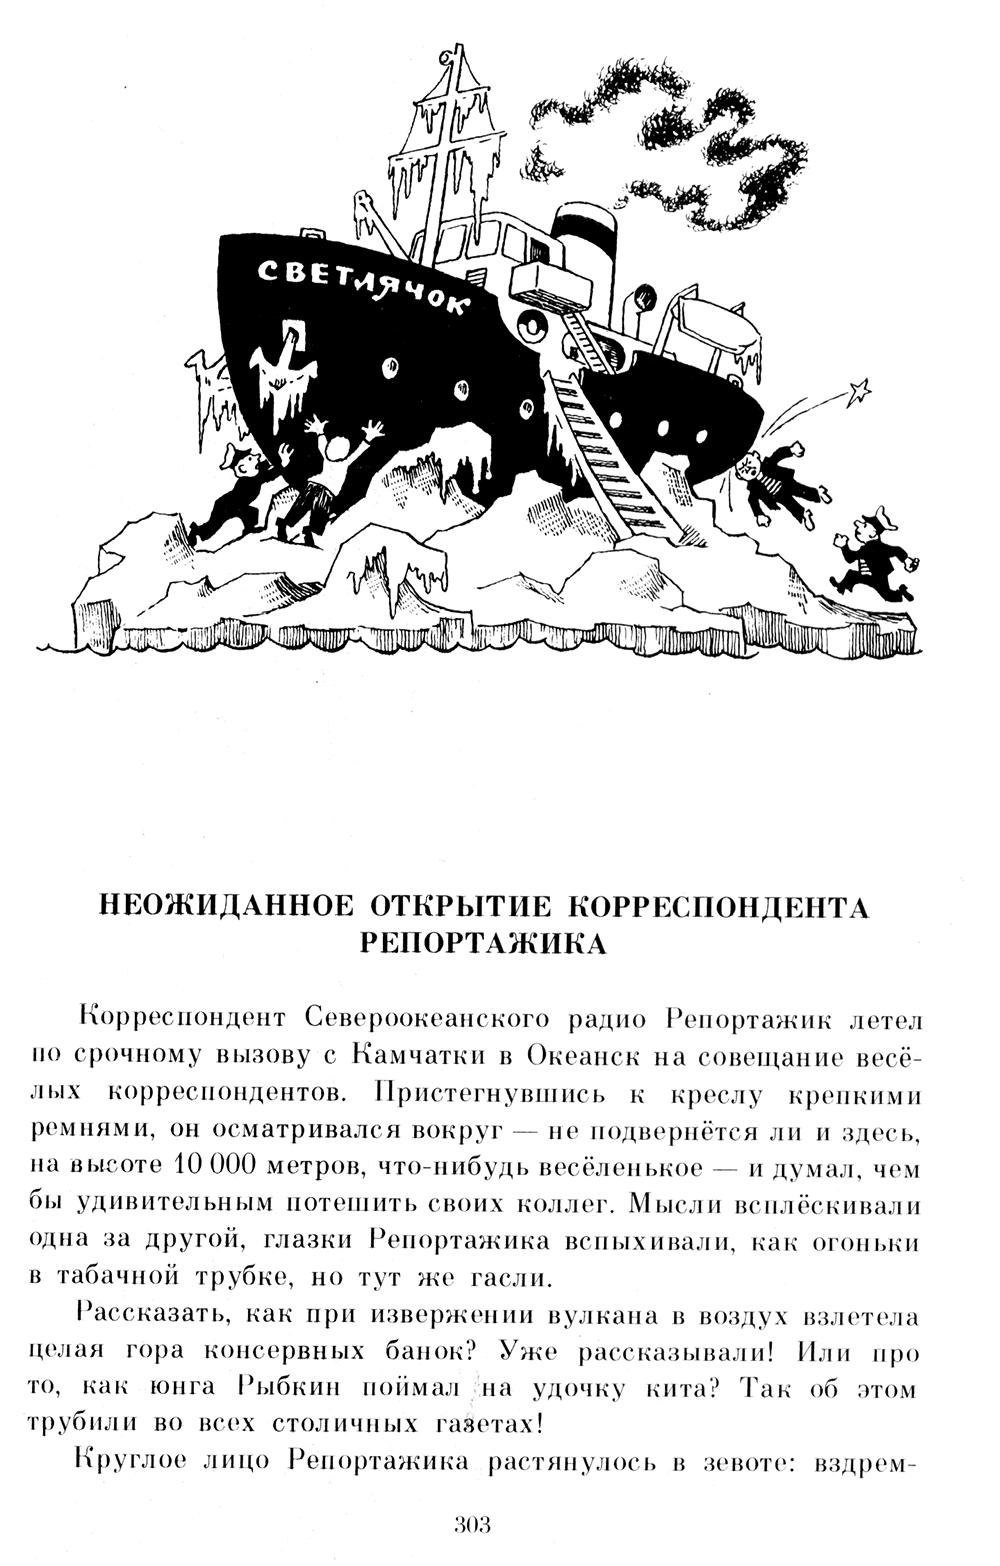 Автор иллюстрации генрих вальк